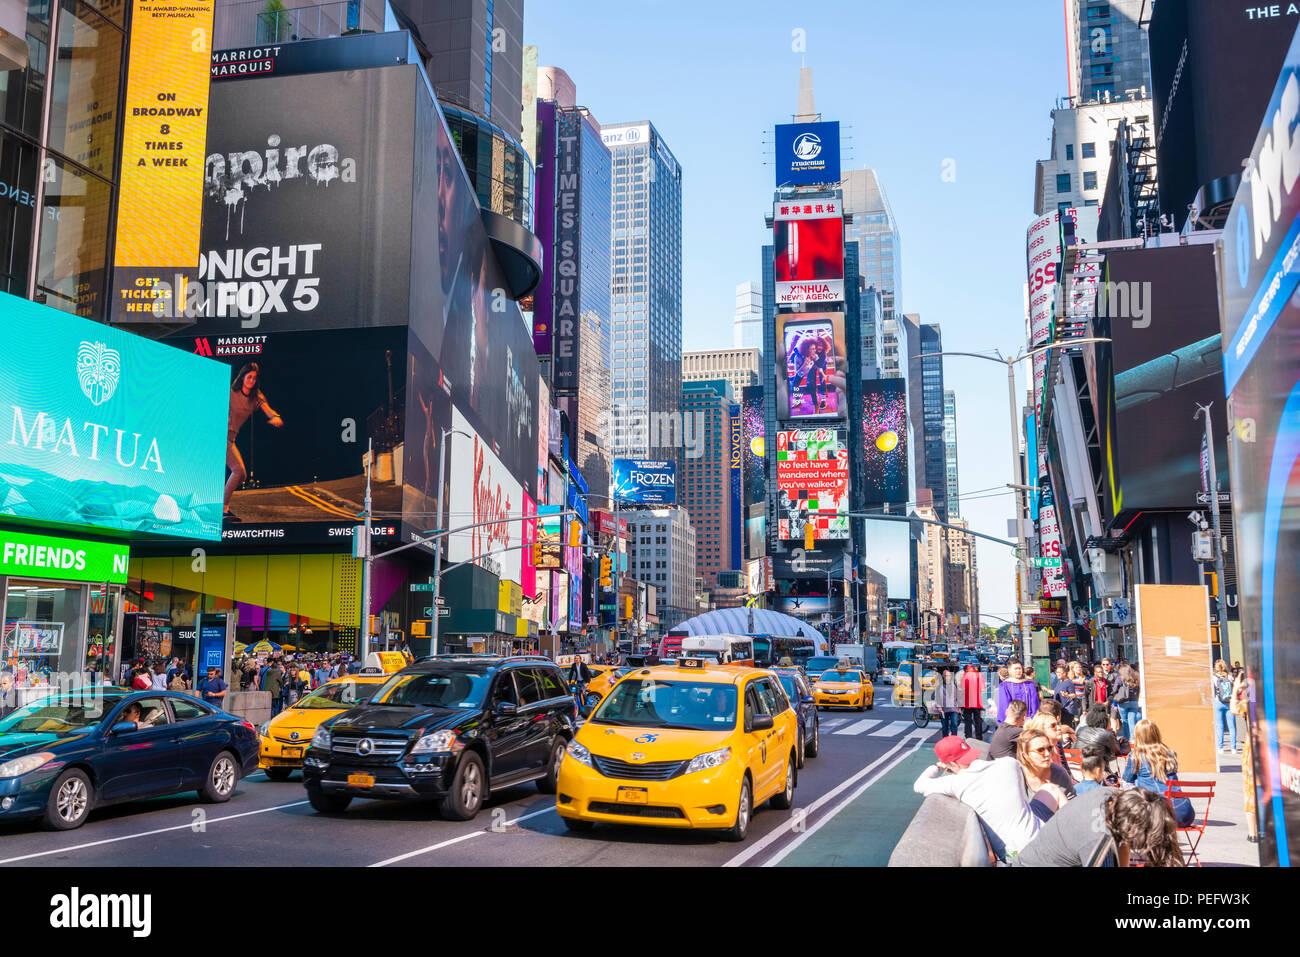 La gente y el tráfico en Times Square en la Ciudad de Nueva York Imagen De Stock